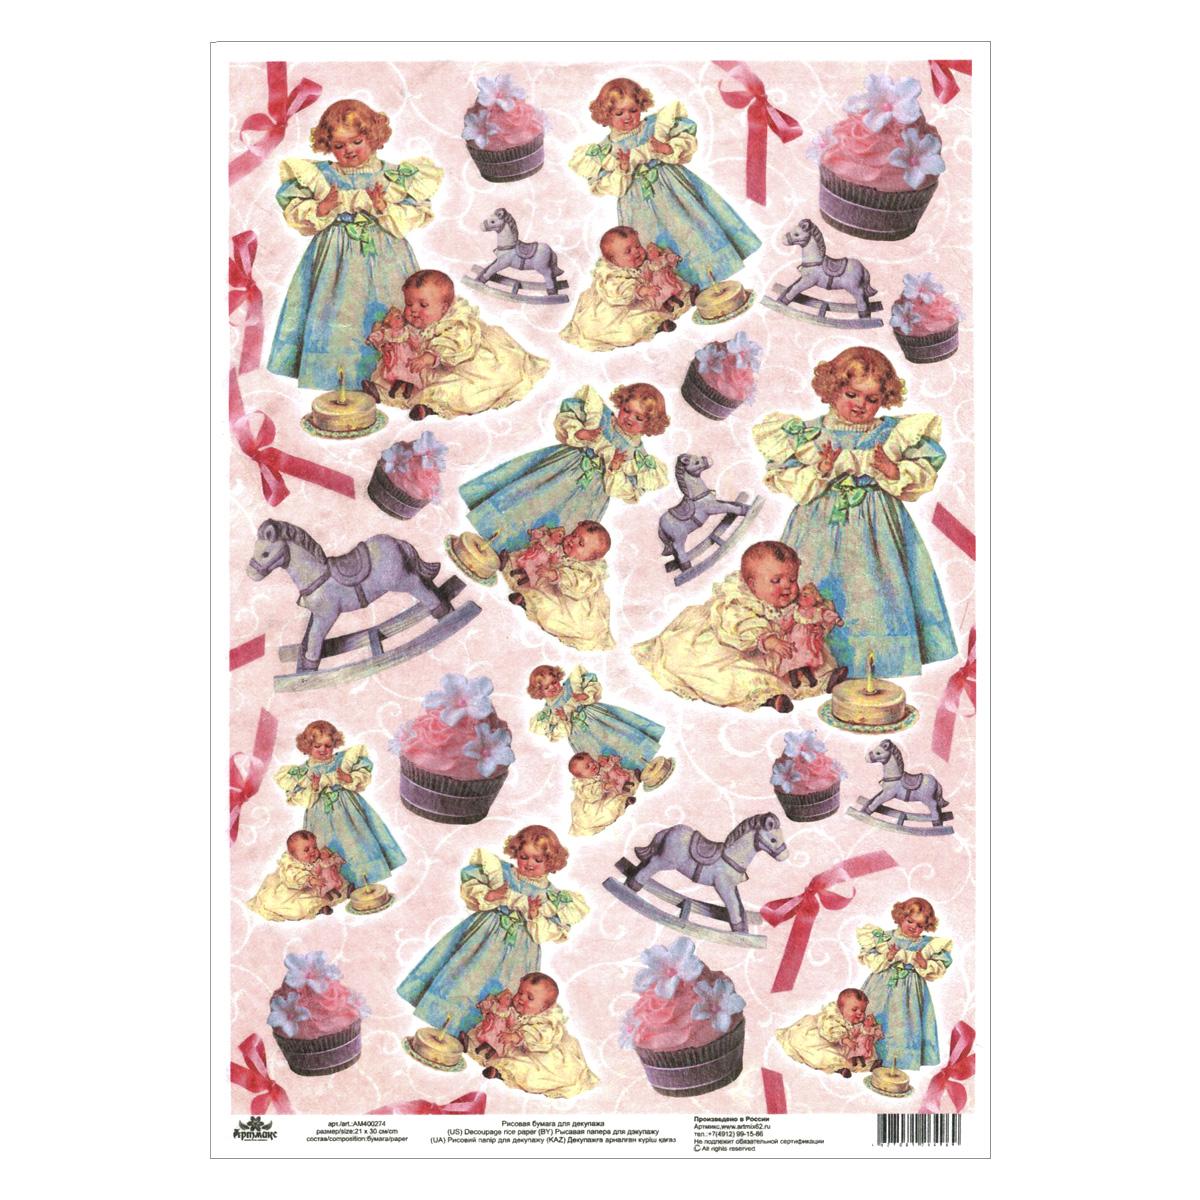 Рисовая бумага для декупажа Детский праздник, 21 см х 30 смAM400274Рисовая бумага для декупажа Детский праздник - мягкая бумага с выраженной волокнистой структурой легко повторяет форму любых предметов. При работе с этой бумагой вам не потребуется никакой дополнительной подготовки перед началом работы. Вы просто вырезаете или вырываете нужный фрагмент, и хорошо проклеиваете бумагу на поверхности изделия. Рисовая бумага для декупажа идеально подходит для стекла. В отличие от салфеток, при наклеивании декупажная бумага практически не рвется и совсем не растягивается. Клеить ее можно как на светлую, так и на темную поверхность. Для новичков в декупаже - это очень удобно и гарантируется хороший результат. Поверхность, на которую будет клеиться декупажная бумага, подготавливают точно так же, как и для наклеивания салфеток, распечаток. Мотив вырезаем точно по контуру и замачиваем в емкости с водой, обычно не больше чем на одну минуту, чтобы он полностью впитал воду. Вынимаем и промакиваем бумажным или обычным полотенцем с...